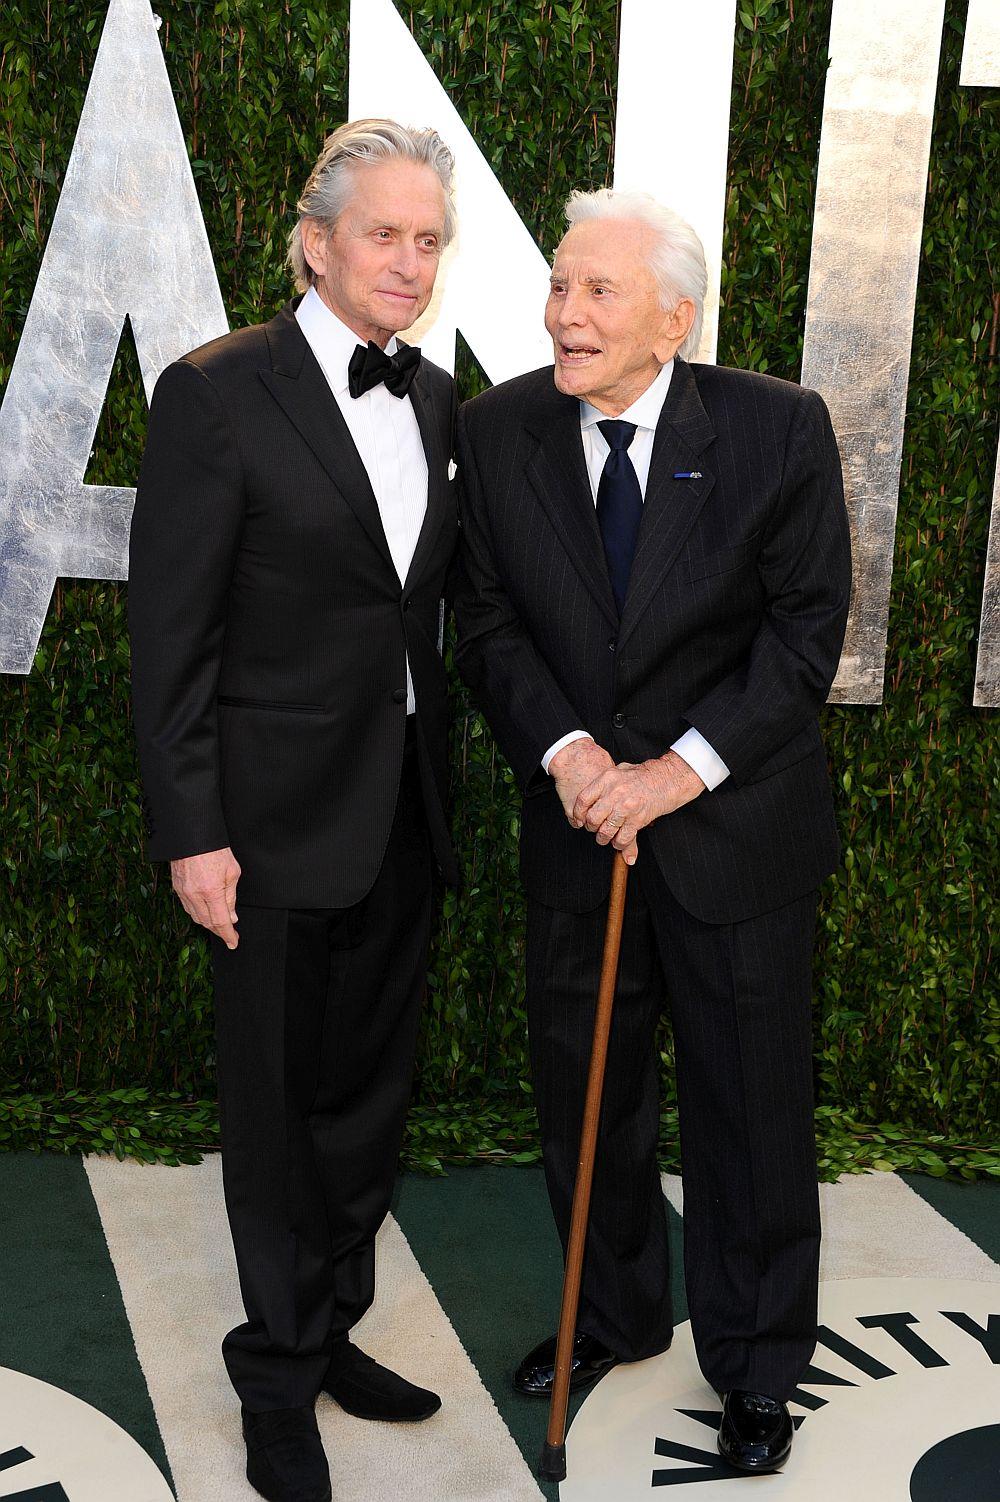 """Три поколения Дъглас пък се изявяват във филма от 2003 година It Runs in the Family (""""Семейна черта""""). Майкъл Дъглас се превъплъщава в адвоката Алекс Громбърг, а легендата Кърк Дъглас е в ролята на бащата на Алекс. Камерън Дъглас пък играе синът на Алекс - Ашър. На снимката: Майкъл Дъглас и Кърк Дъглас"""